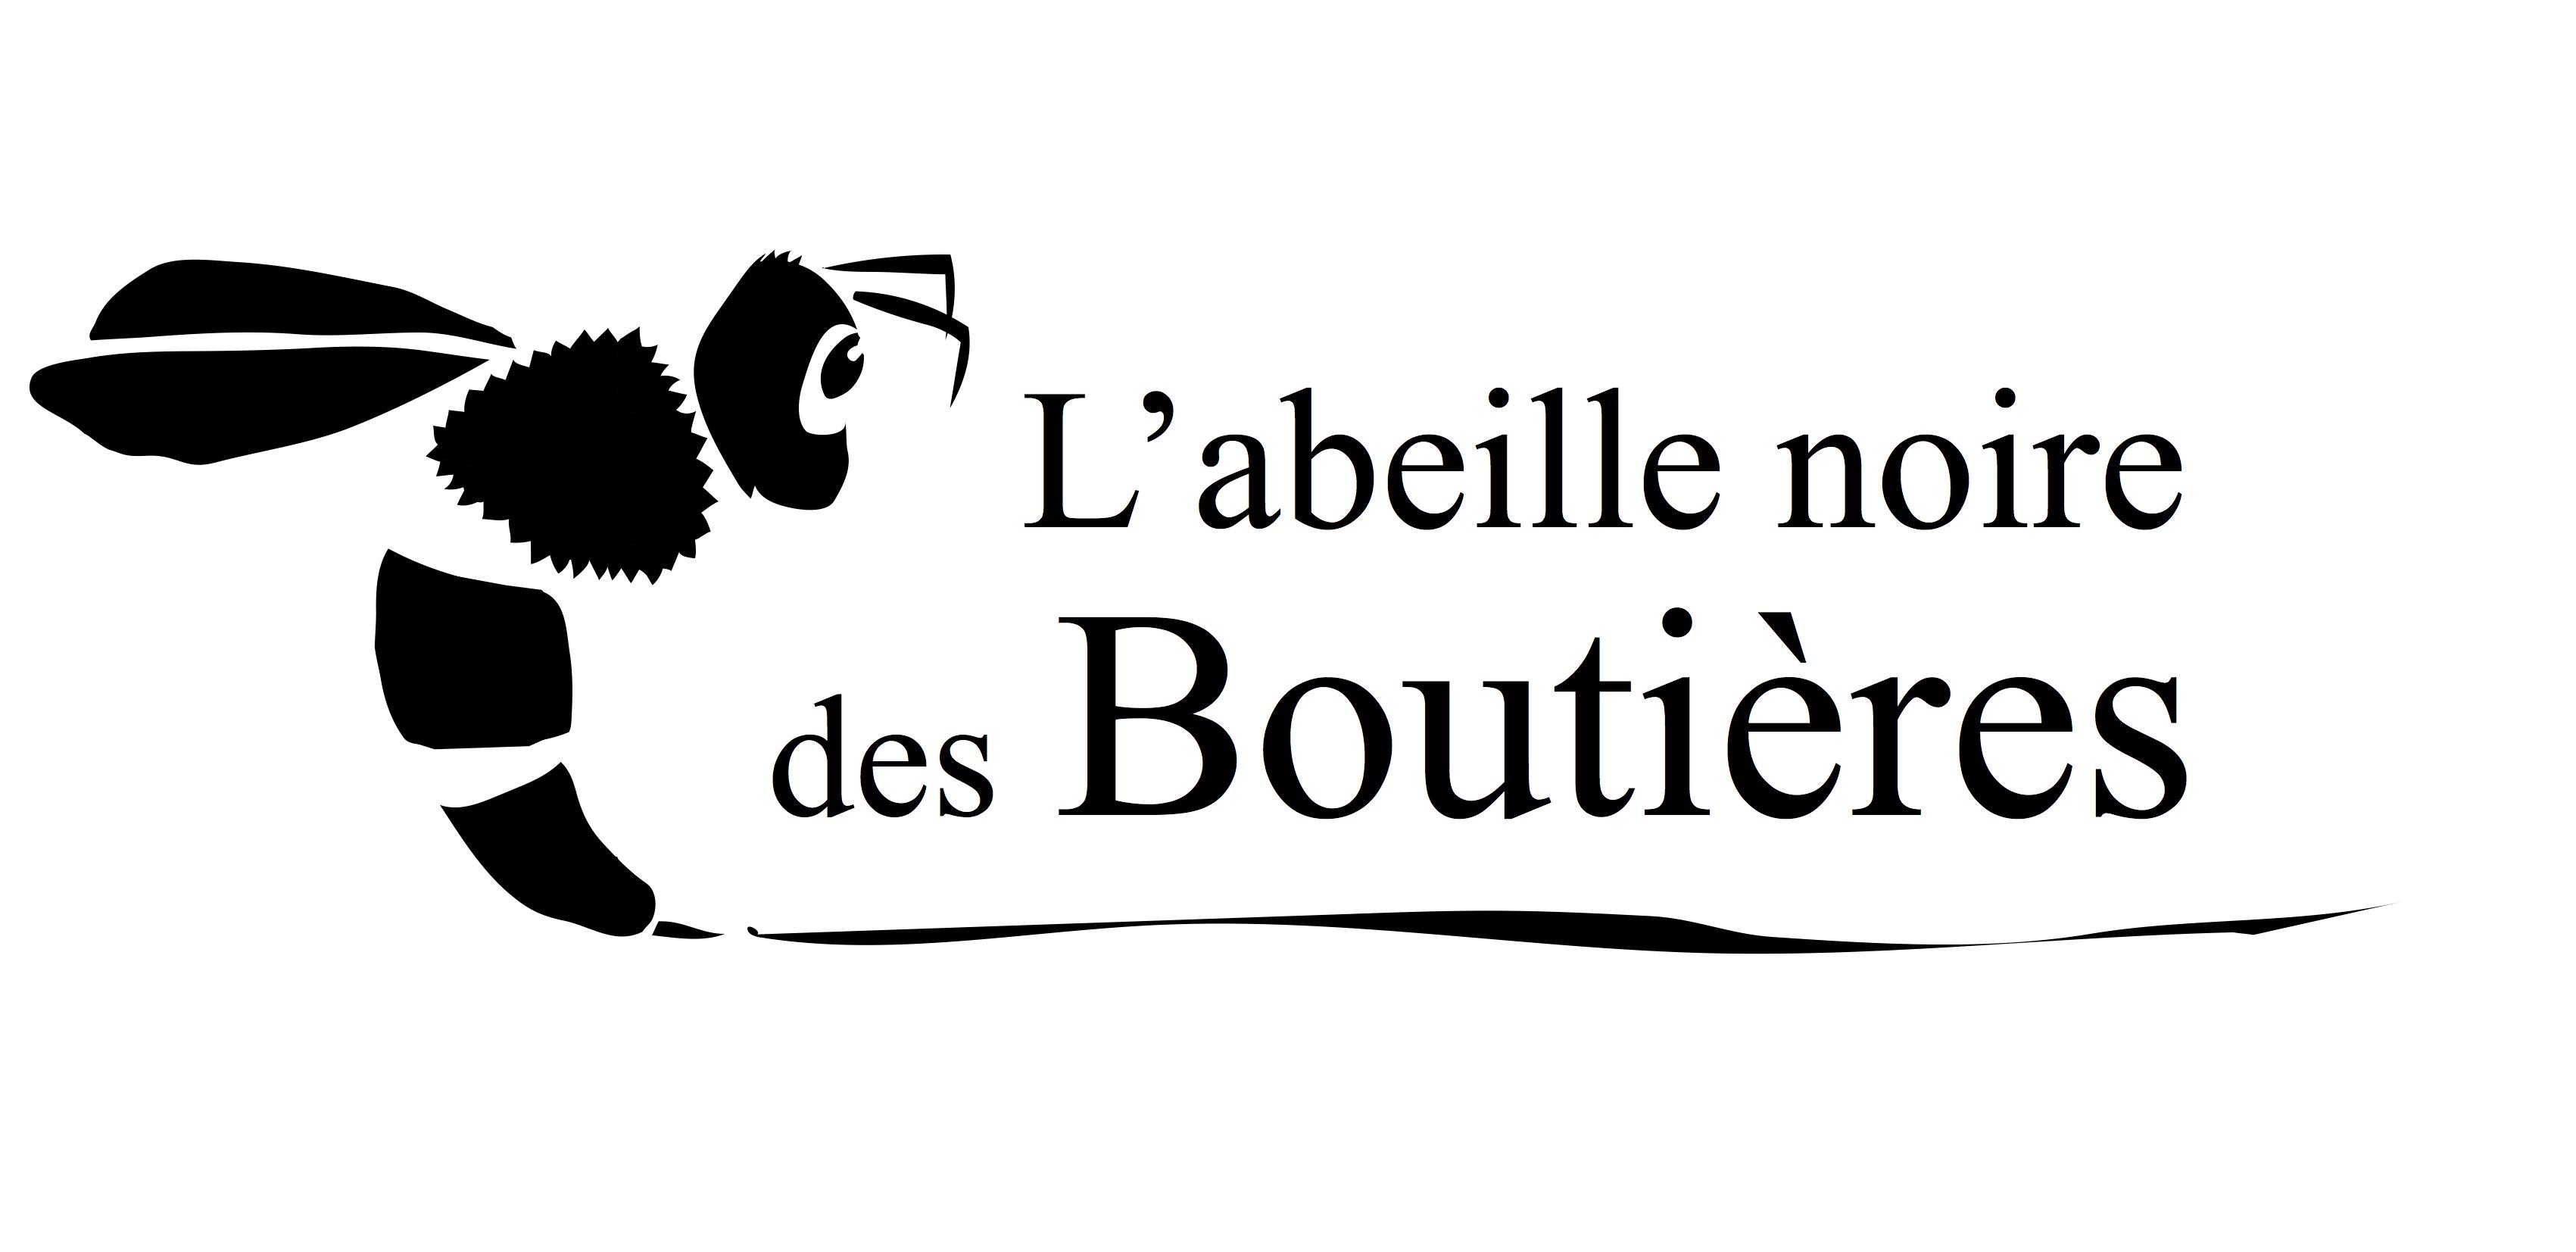 logo Conservatoire de l'abeille noire des Boutieres